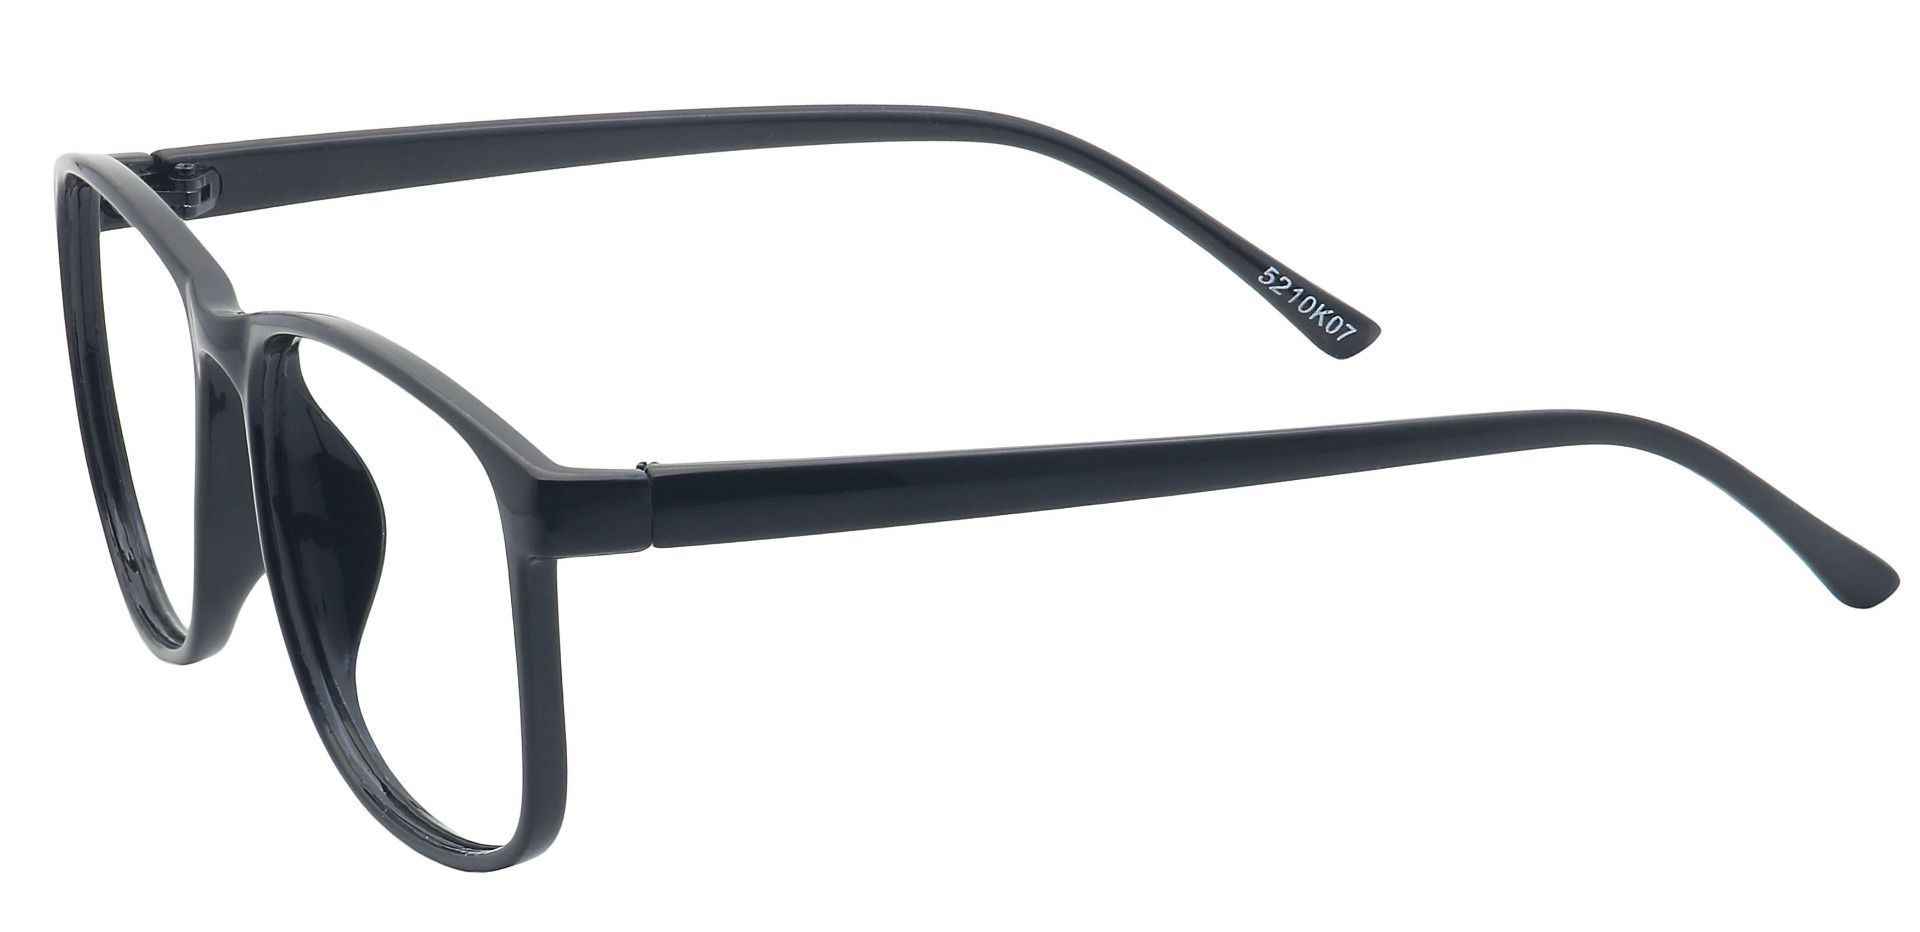 Raina Rounds Prescription Glasses - Black